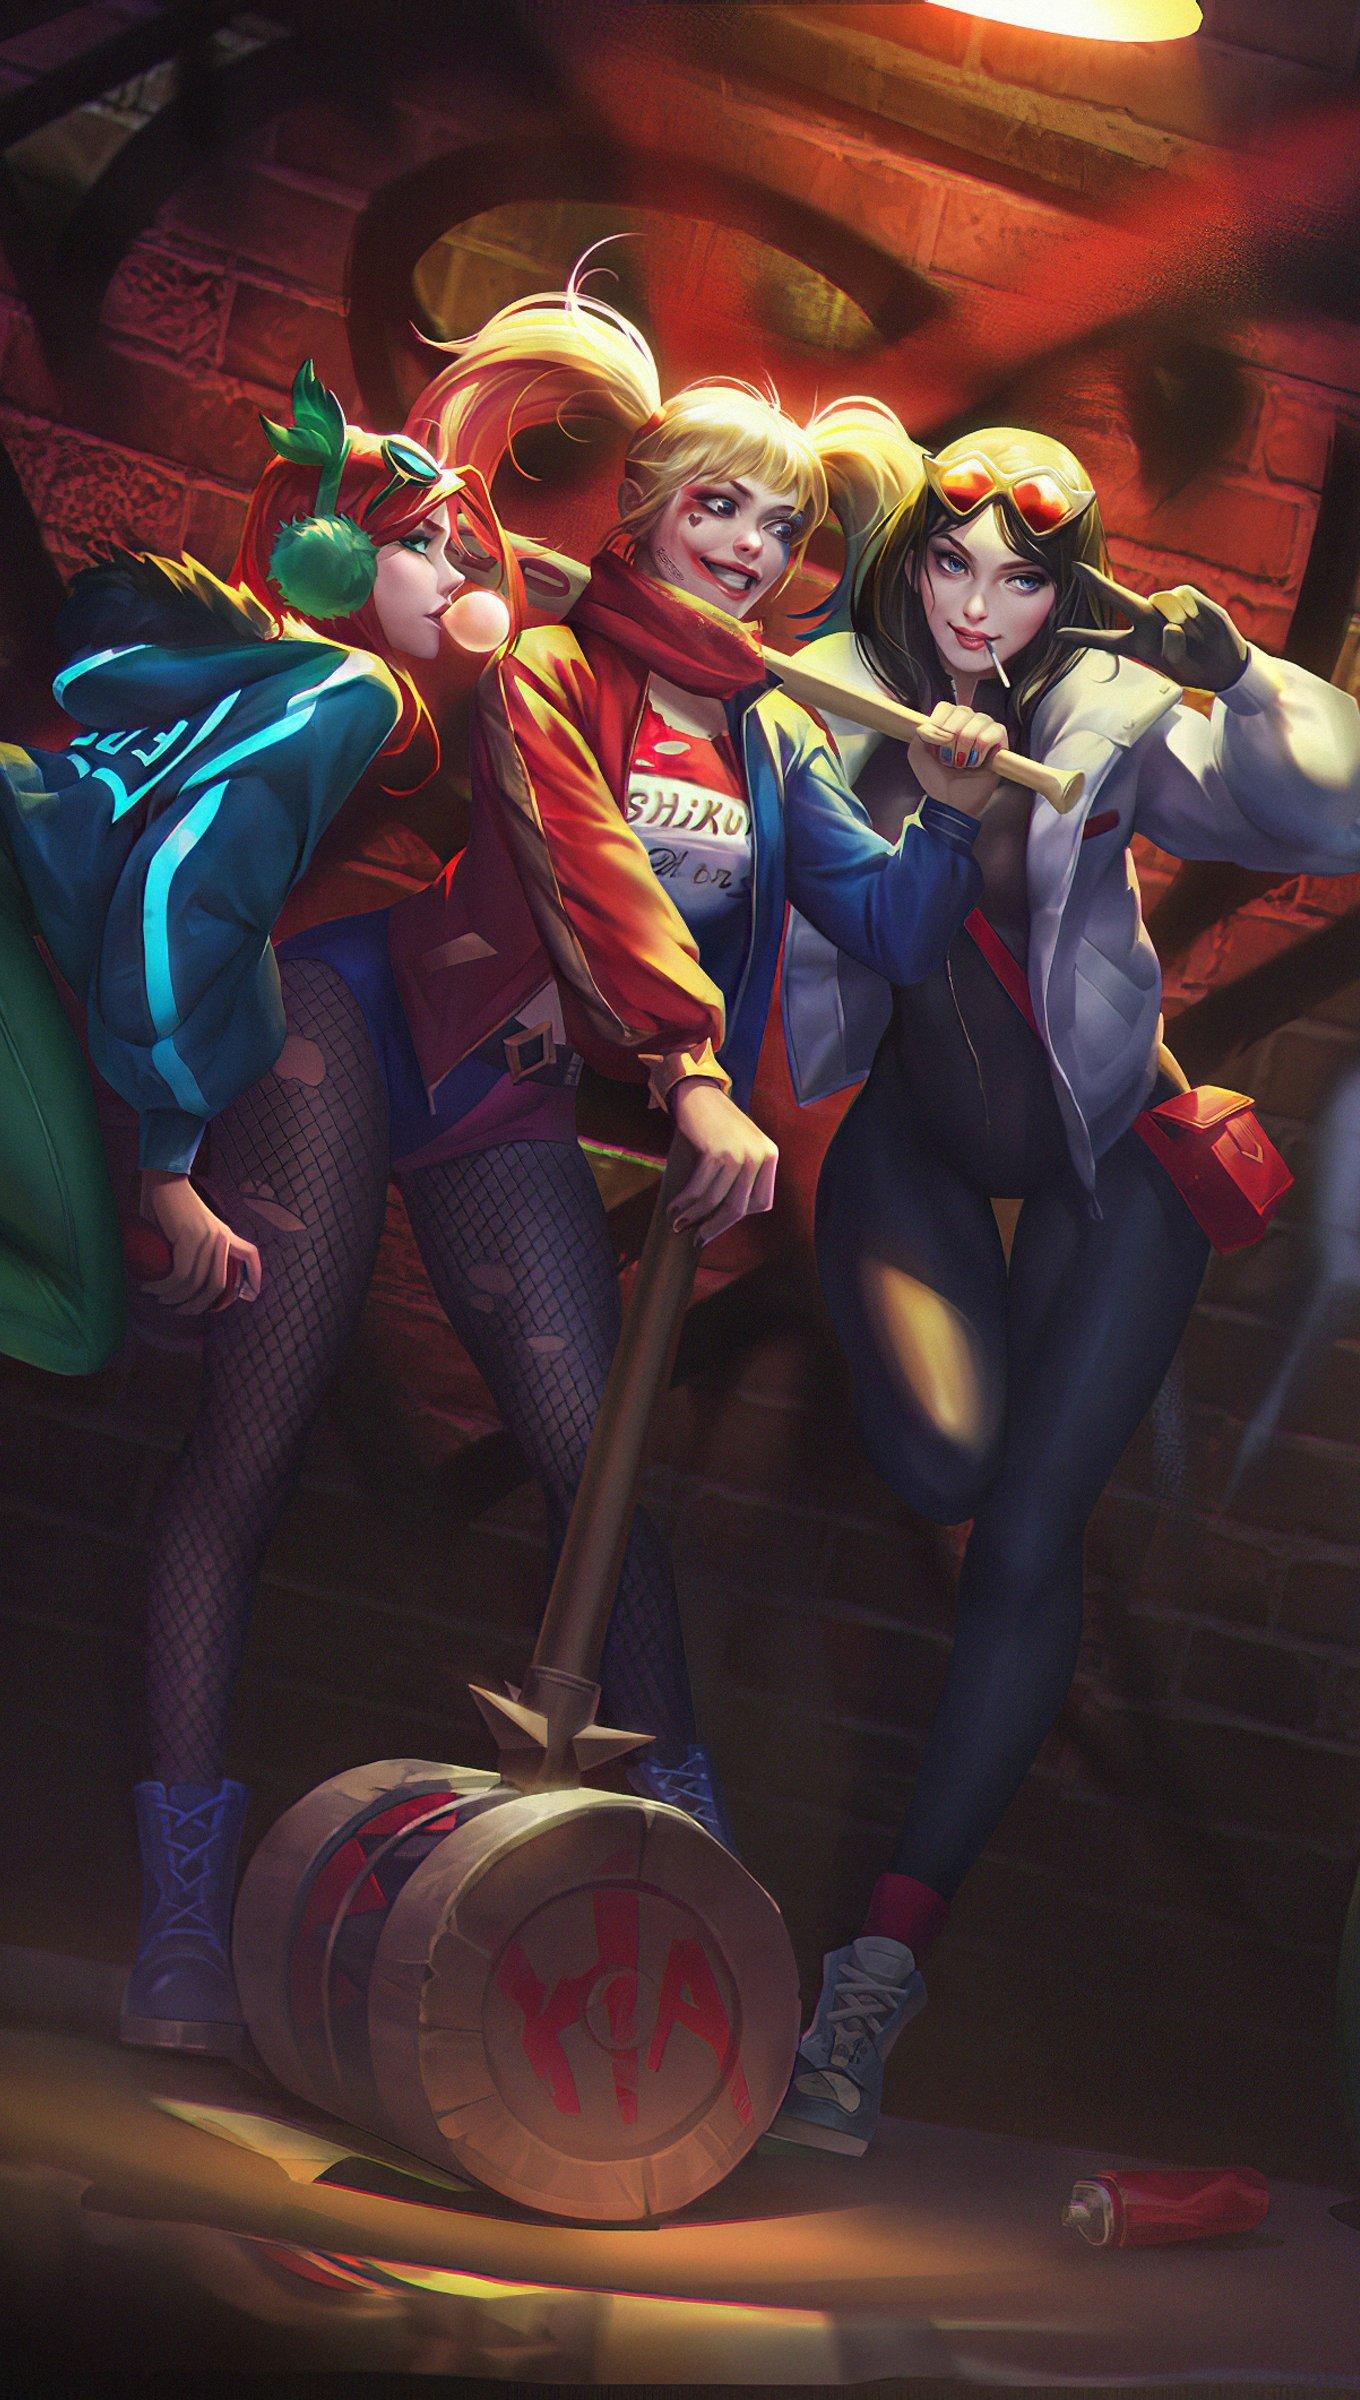 Fondos de pantalla El Guasón tomando una foto a Harley Quinn y amigas Vertical